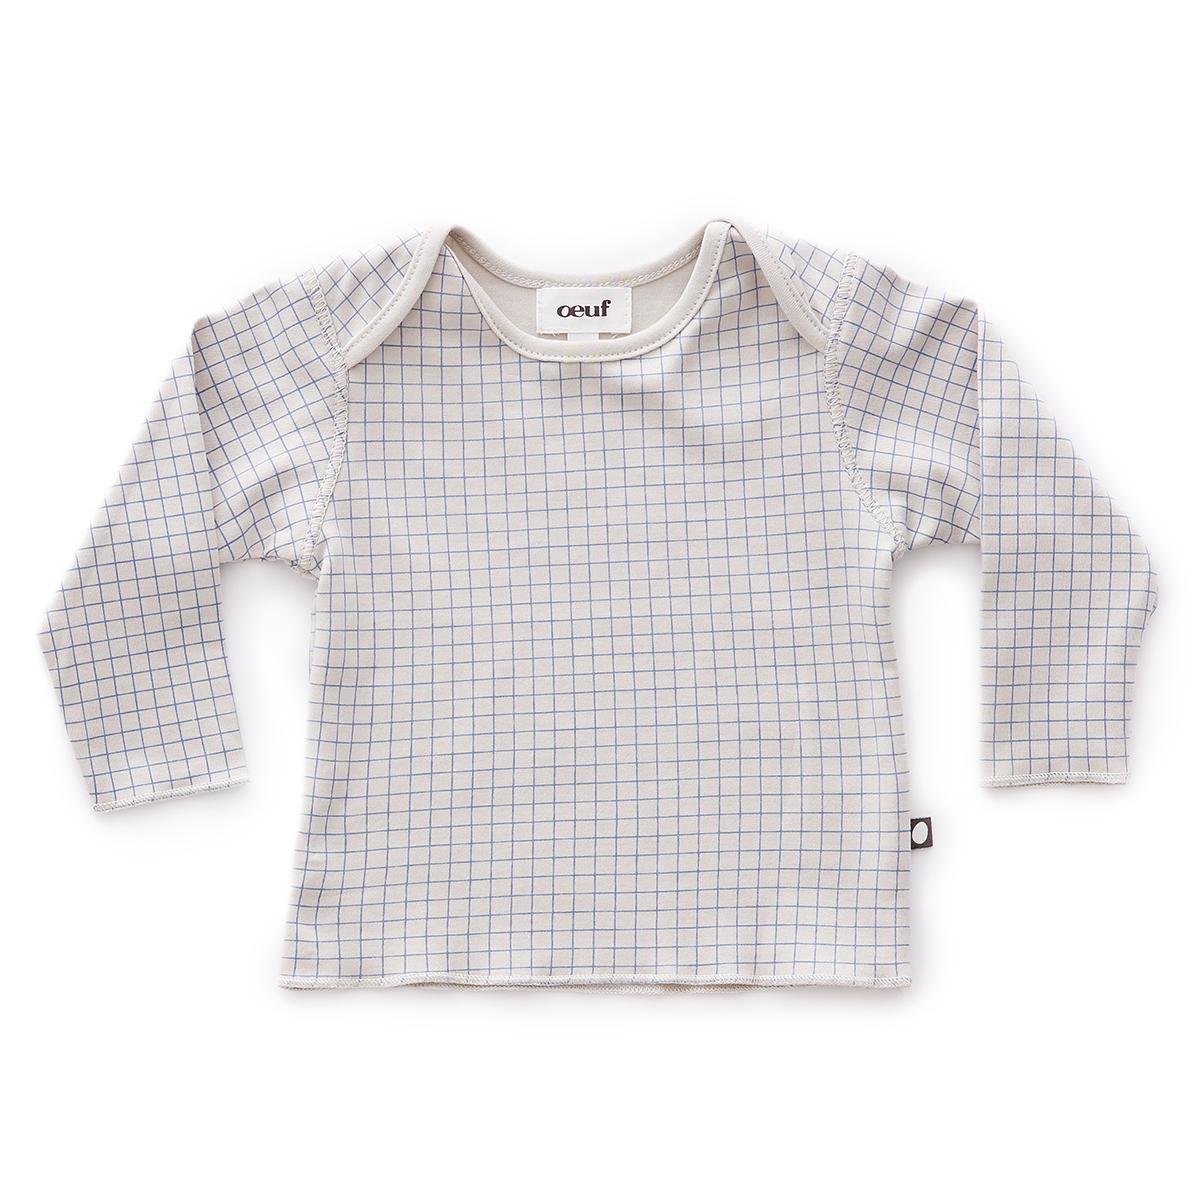 Haut bébé Tee-shirt à Carreaux Gris et Bleu - 2 Ans Tee-shirt à Carreaux Gris et Bleu - 2 Ans